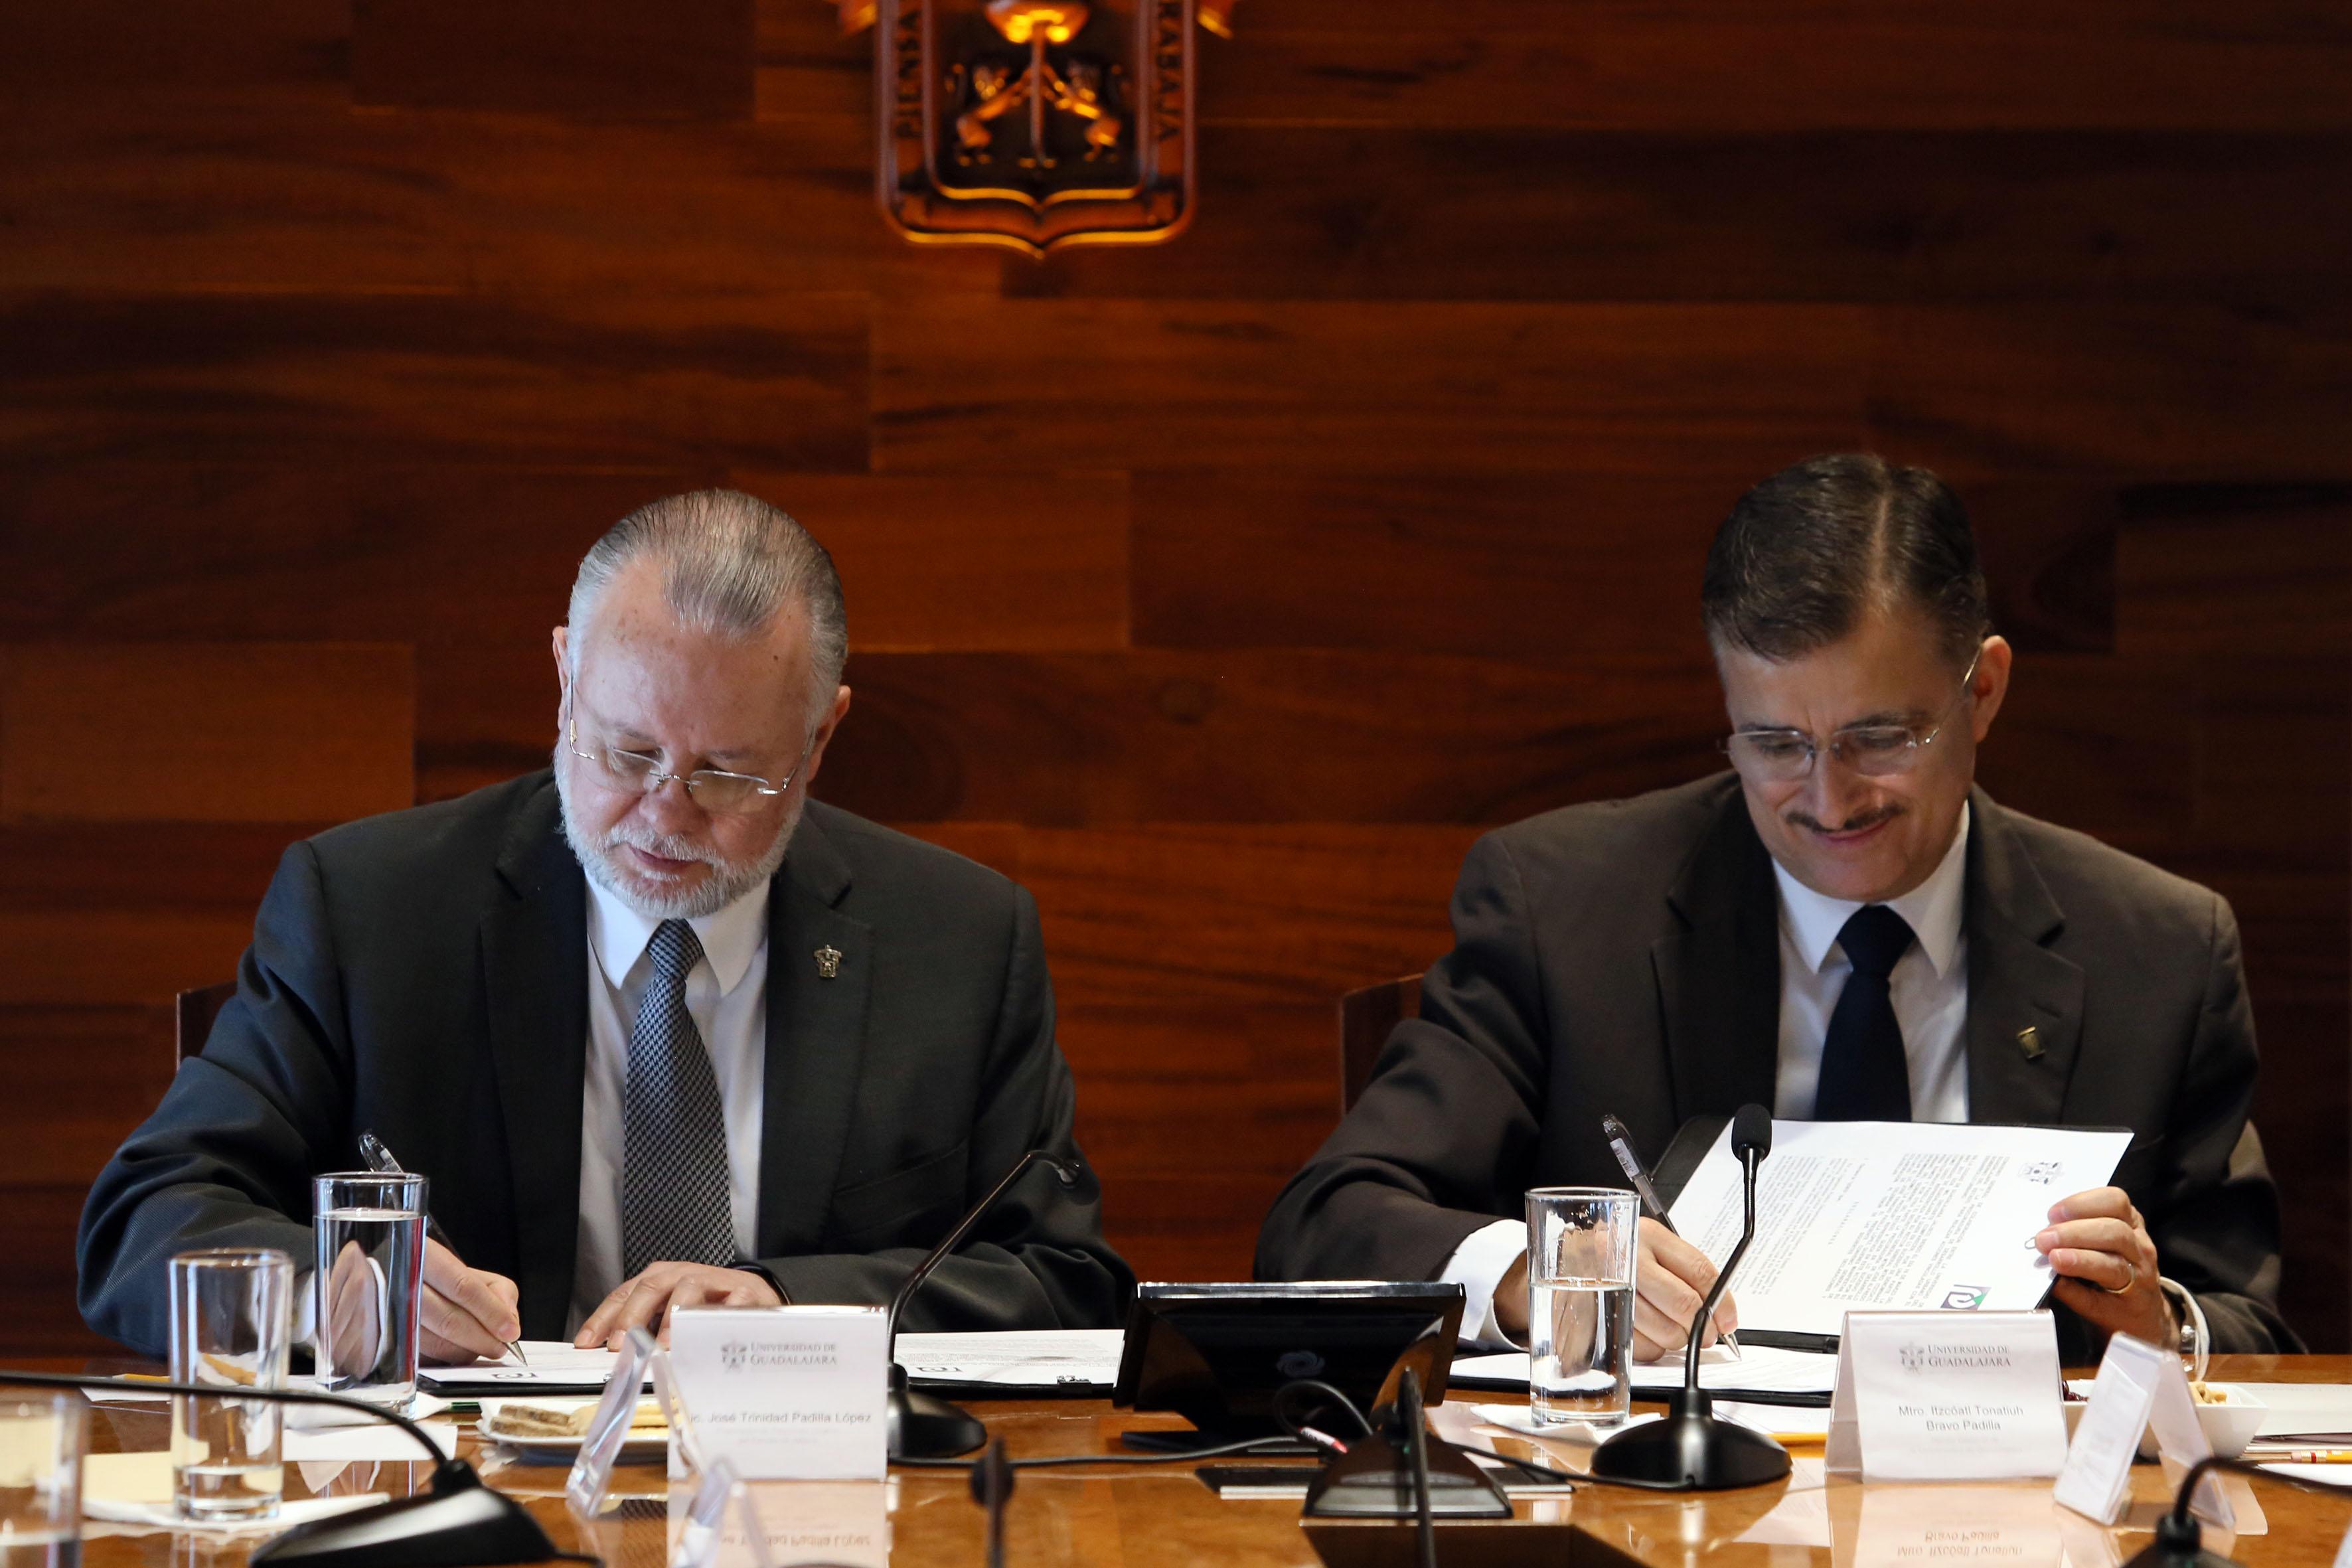 Rector General de la UdeG, maestro Itzcóatl Tonatiuh Bravo Padilla y el Lic. José Trinidad Padilla López, titular del Prodeur; firmando el convenio de colaboración que la Casa de Estudios mantendrá con la Procuraduría de Desarrollo Urbano.